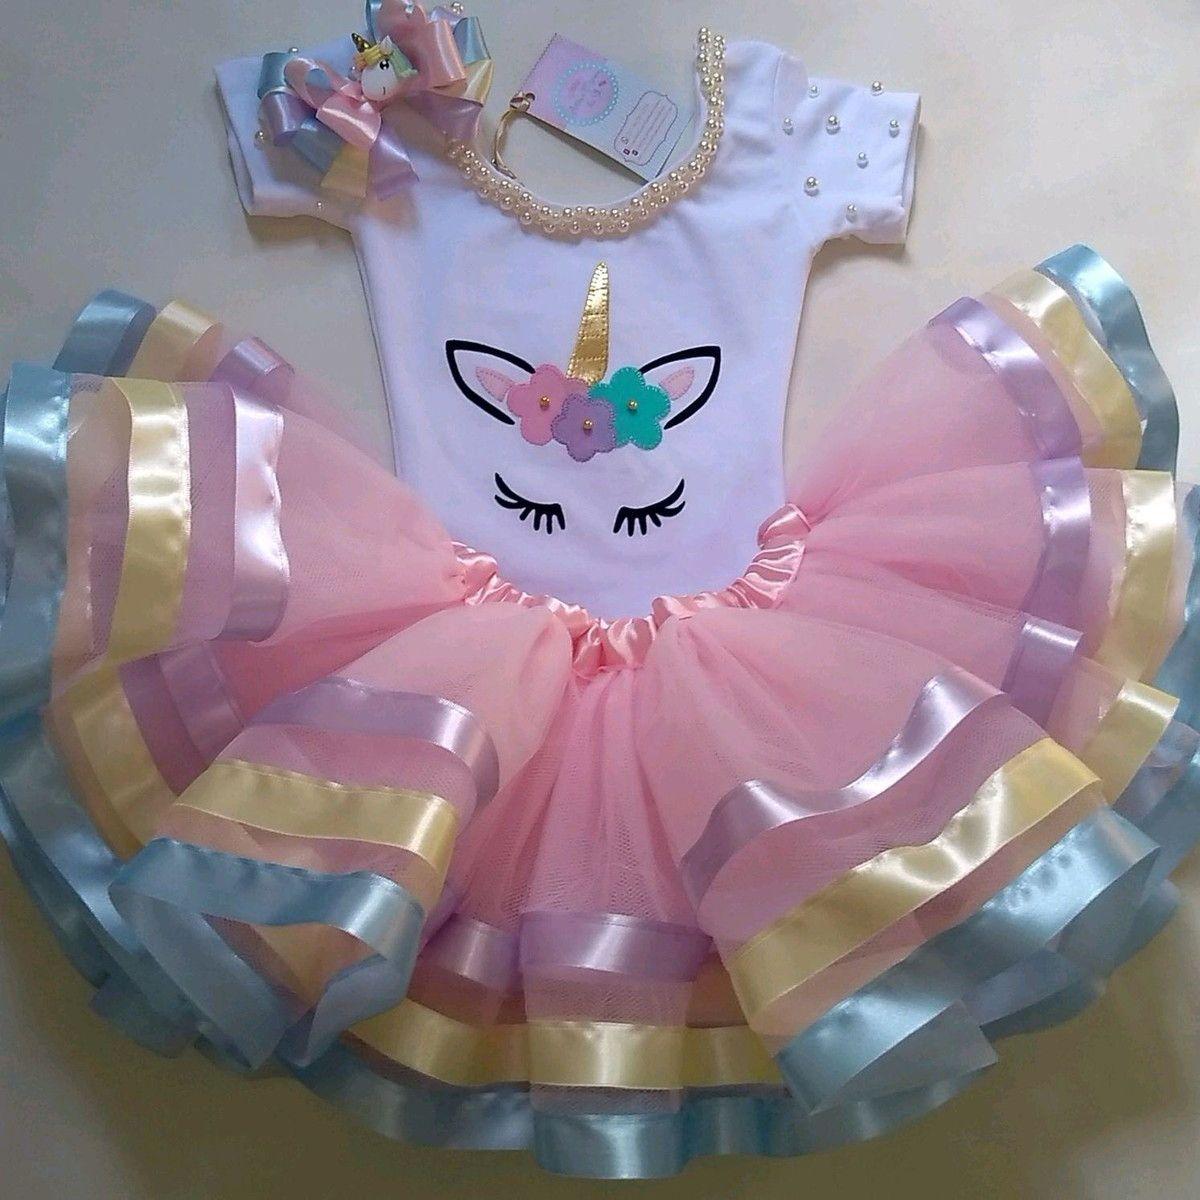 Fantasia Infantil Tutu Unicornio Luxo Fantasias Infantis